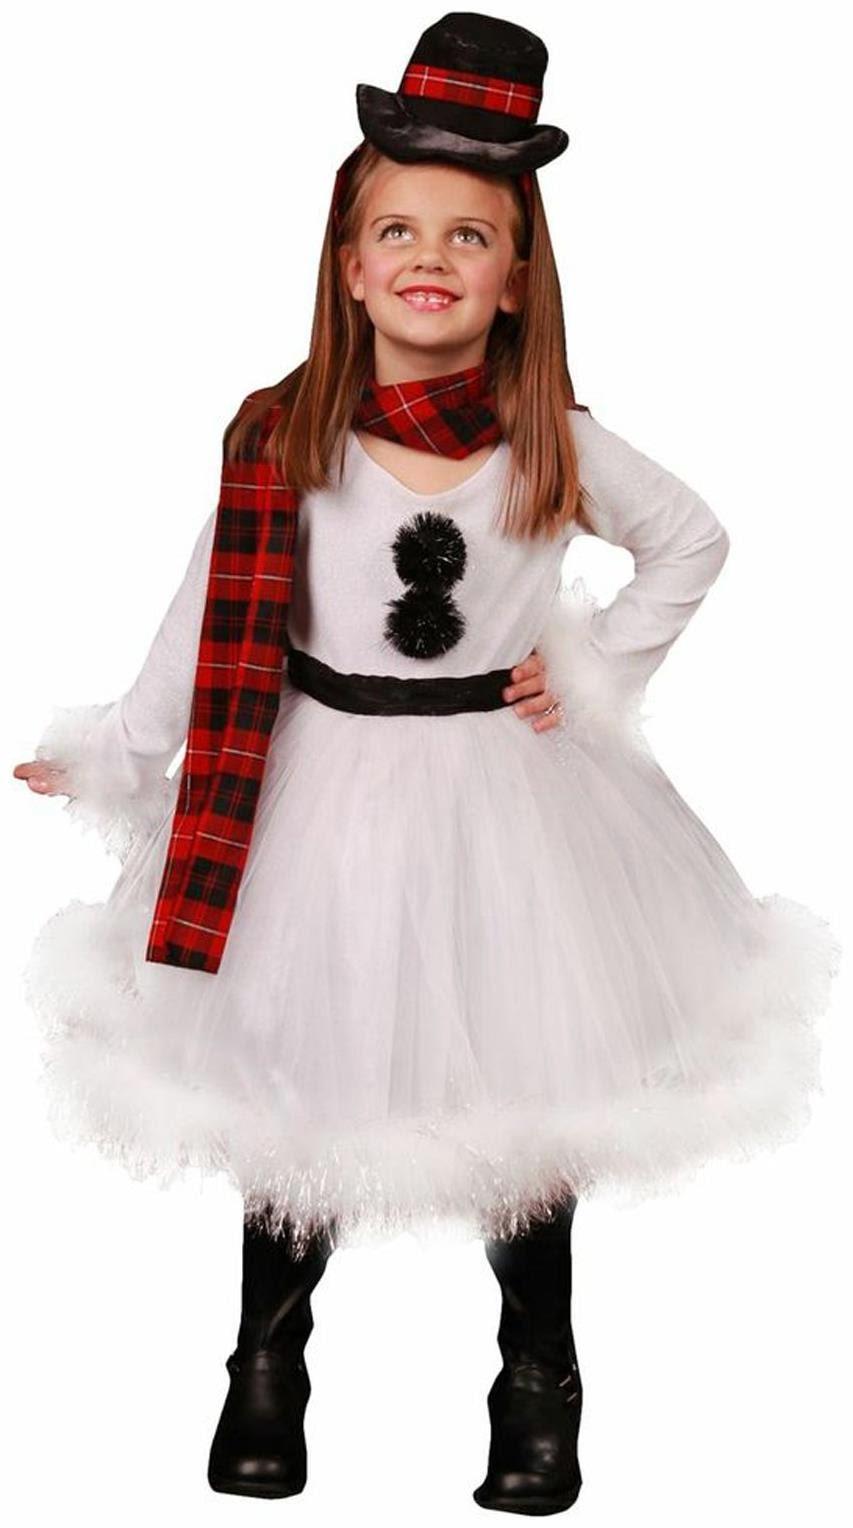 SnowMan Girl Costume Christmas